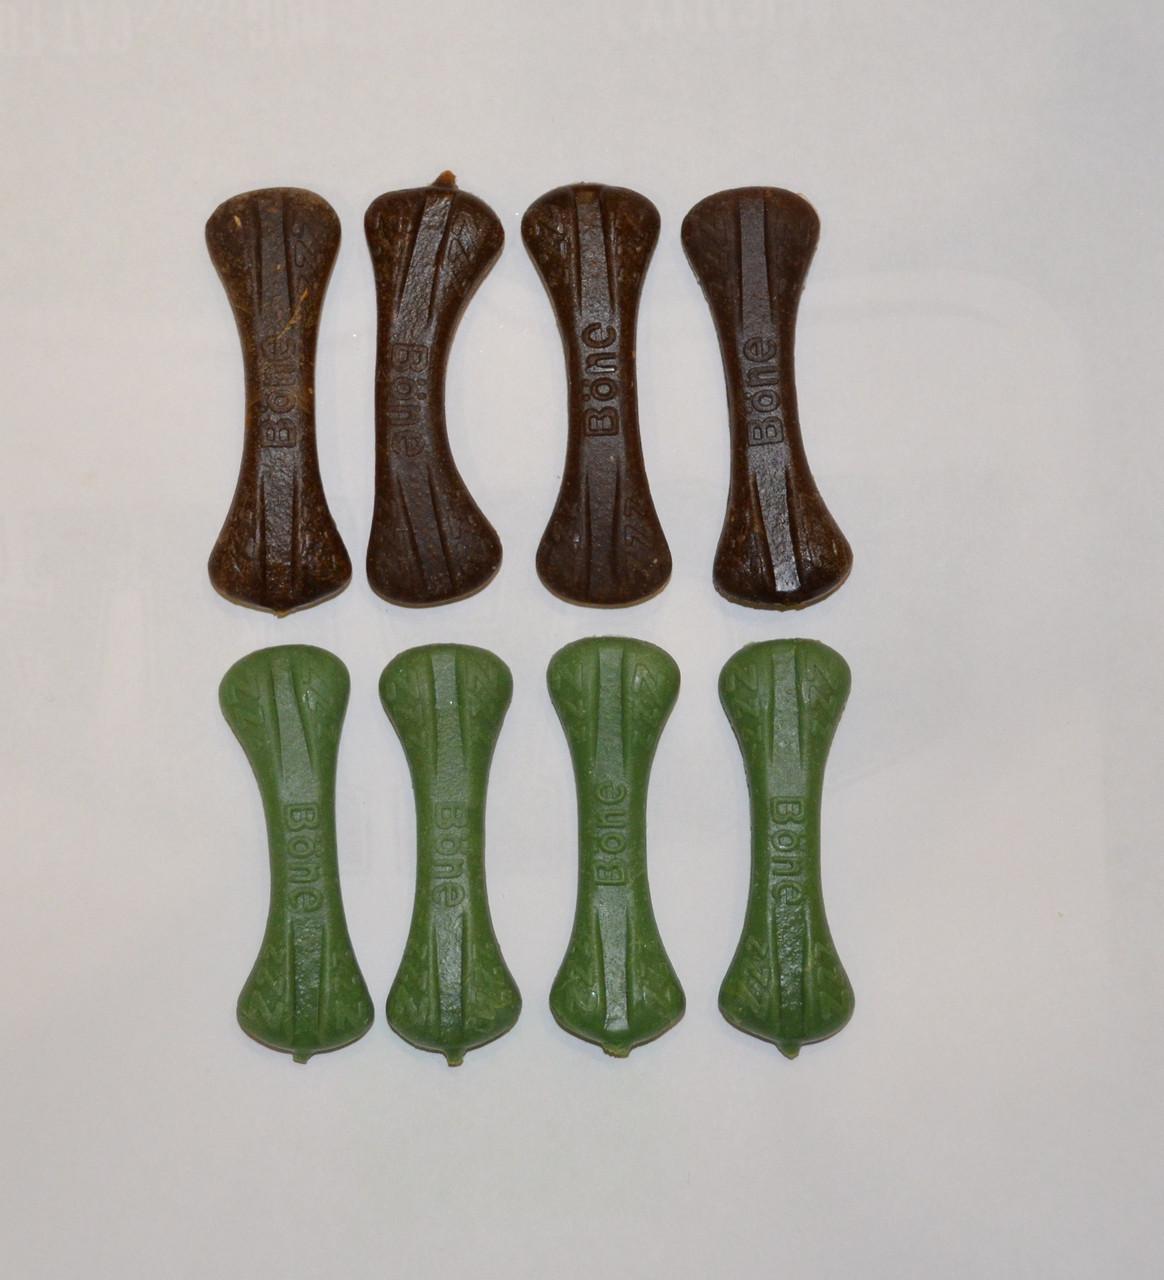 Tatrapet волшебная косточка  для мелких пород собак  7 см * 8 шт